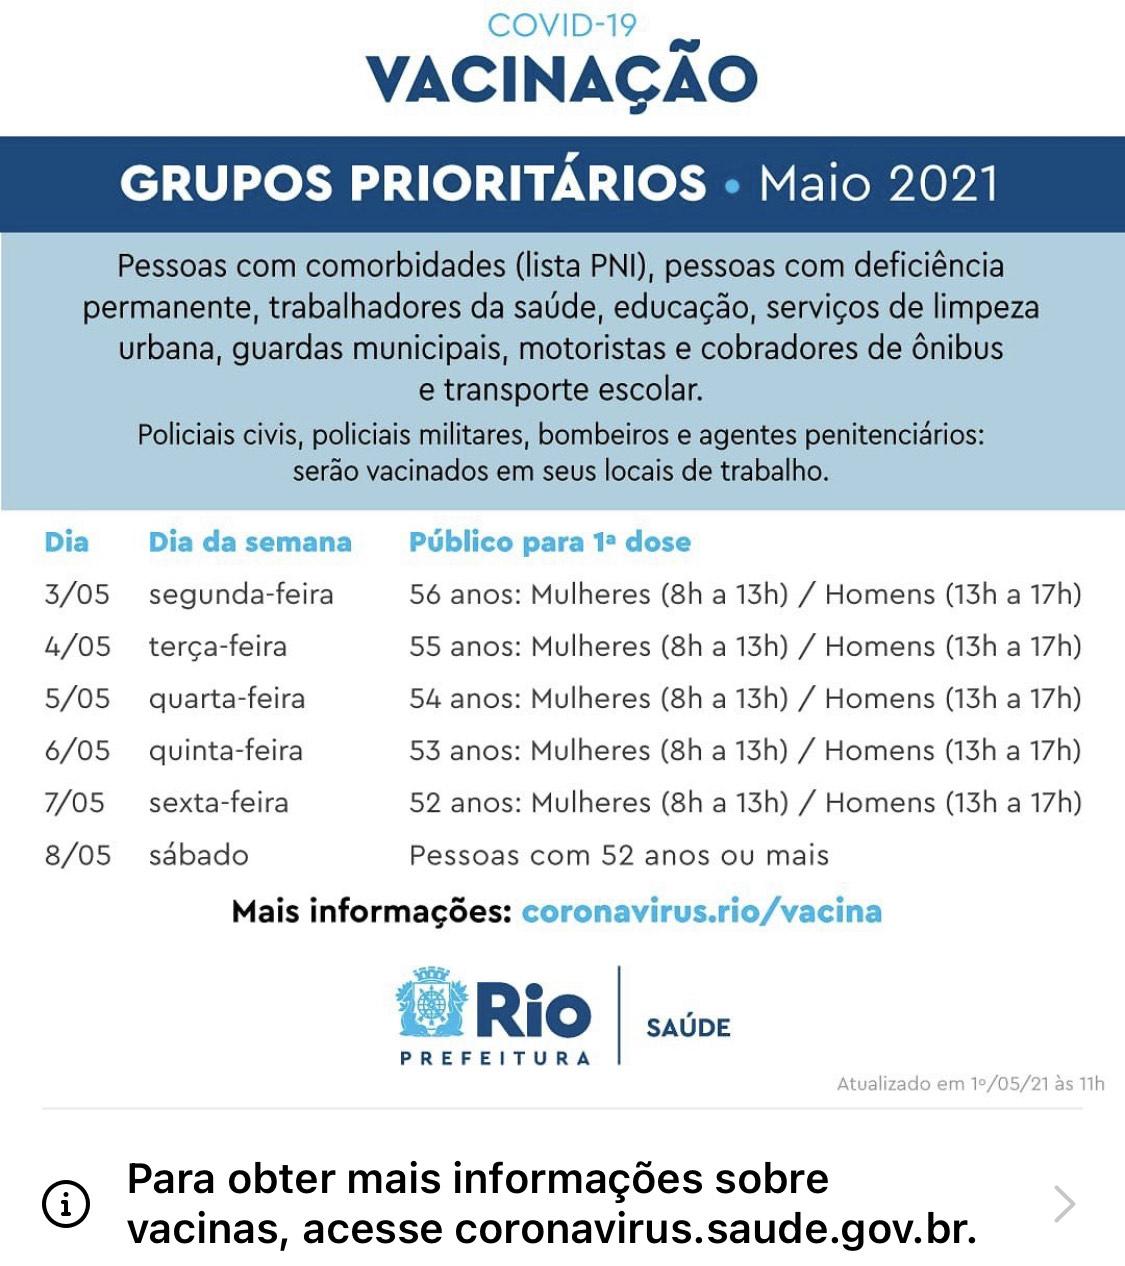 Rio de Janeiro anuncia antecipação no calendário de vacinação